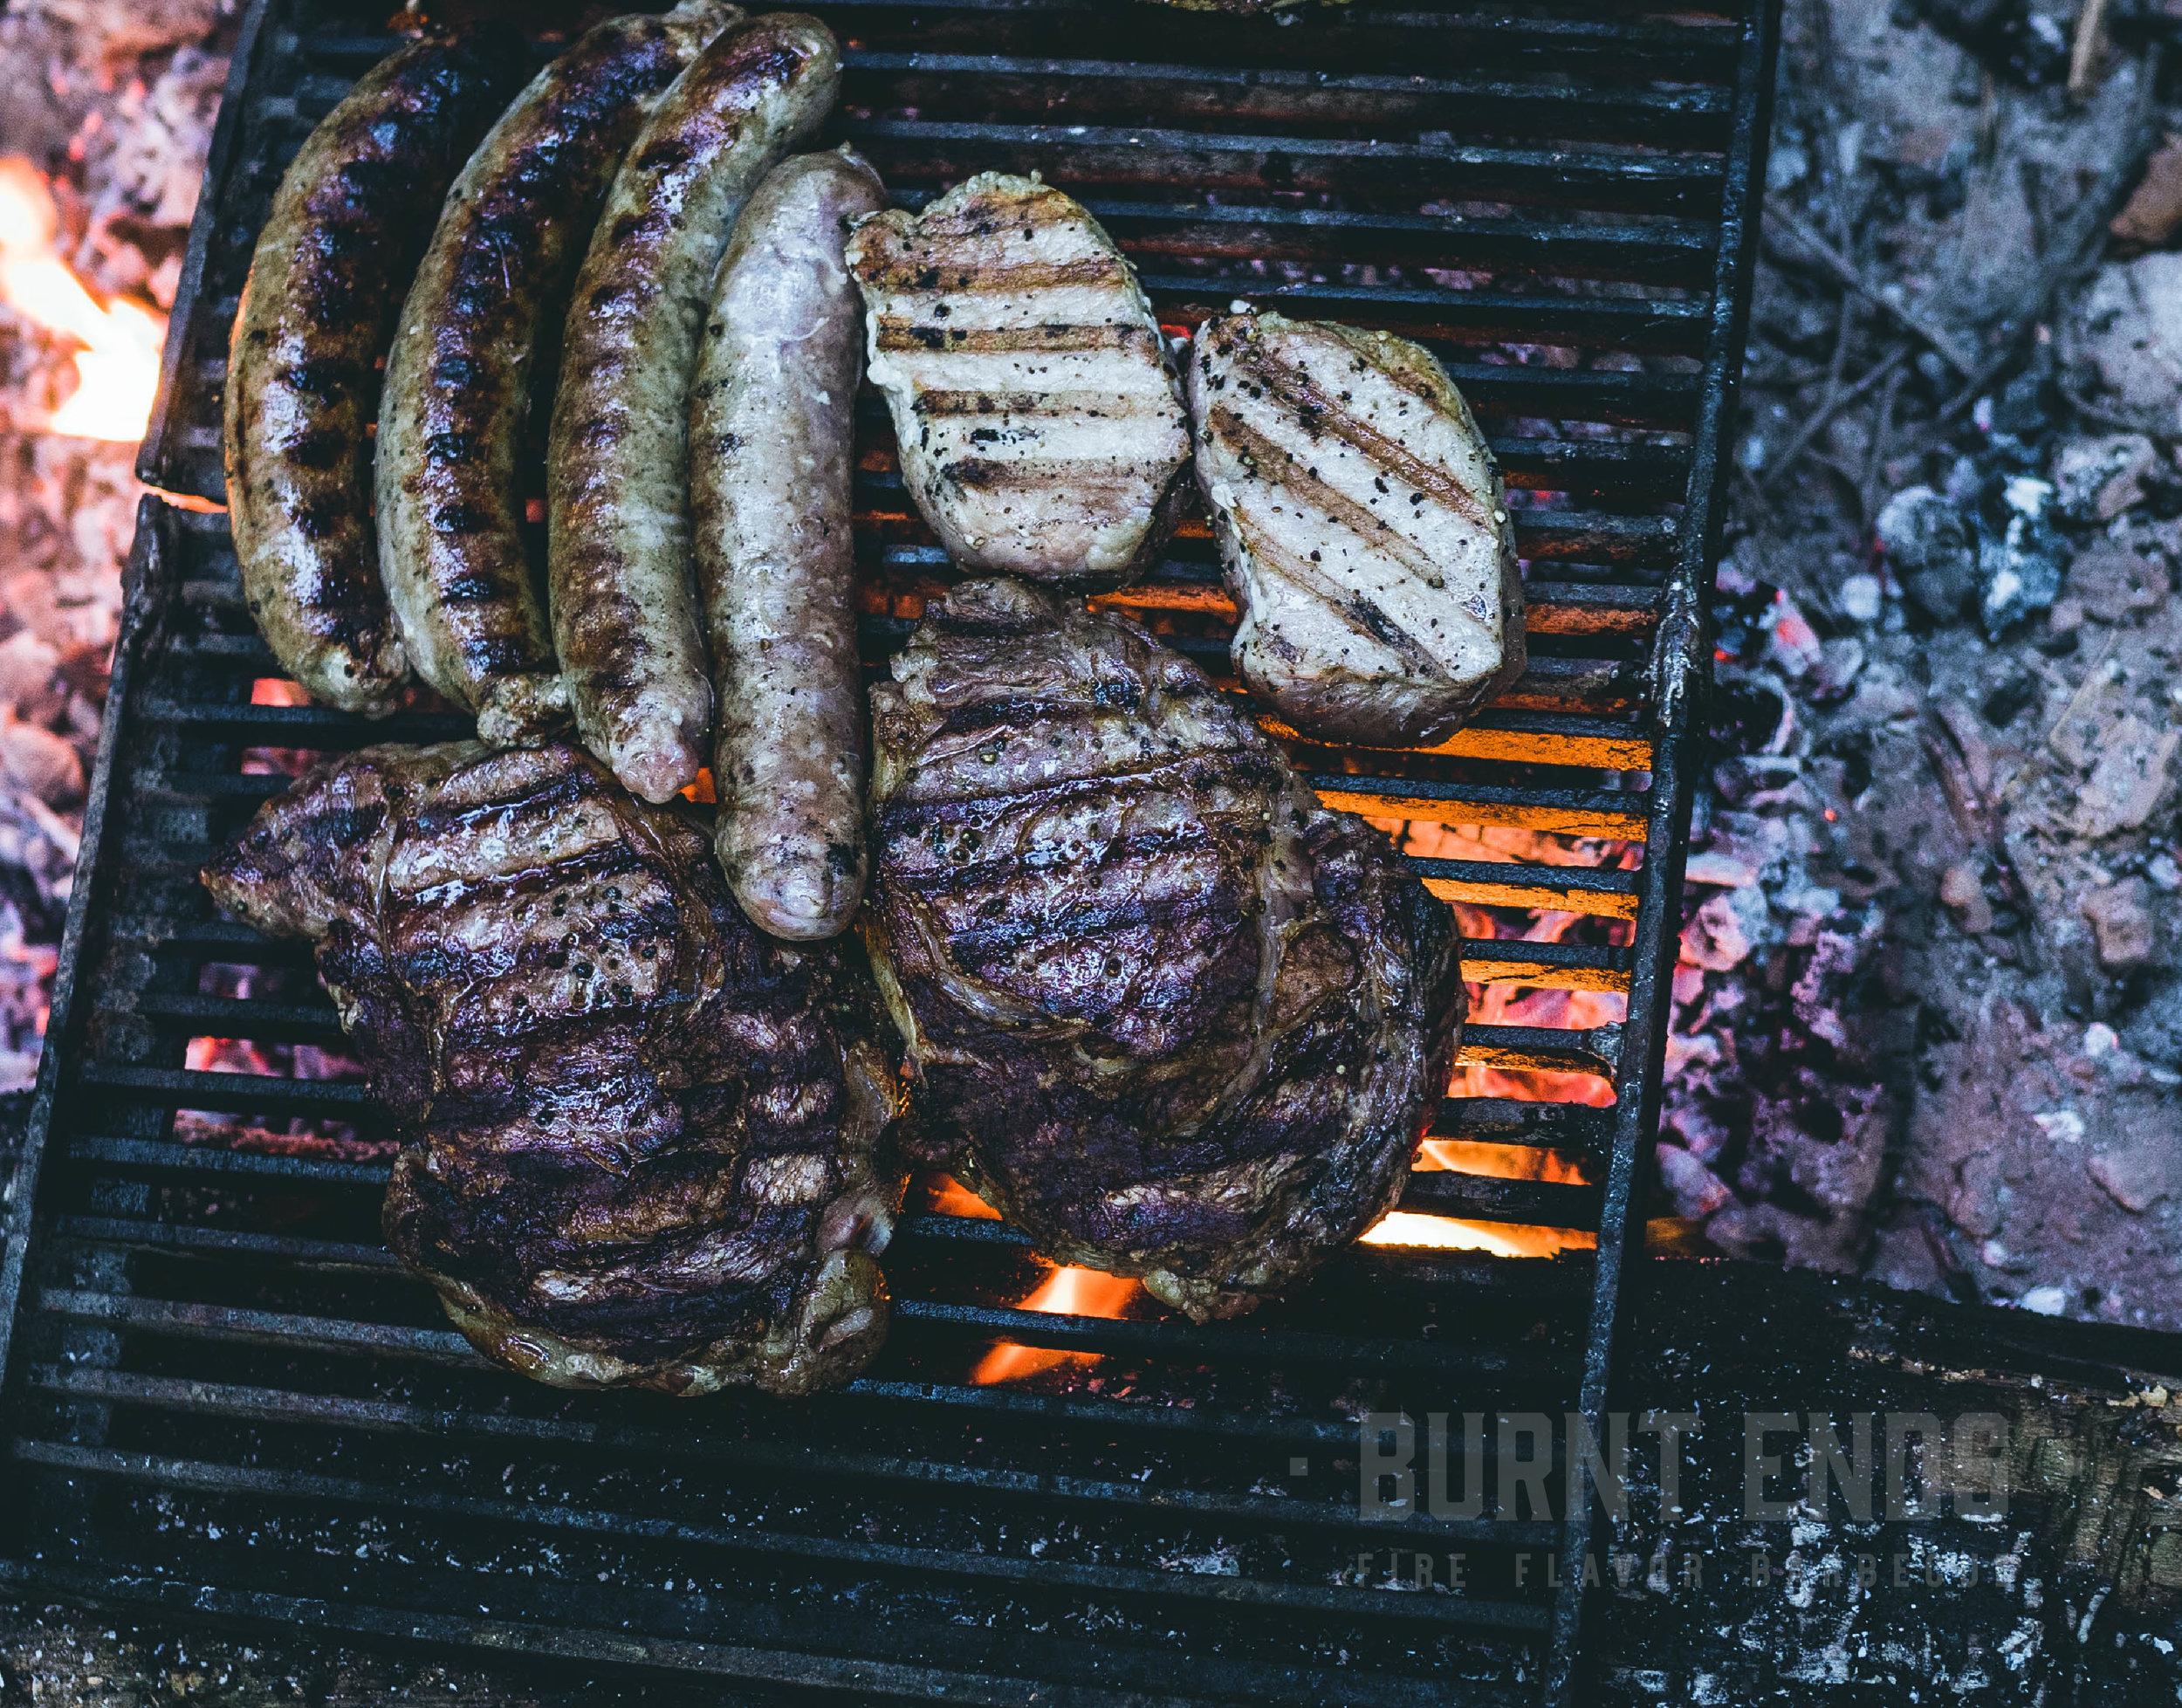 burnt ends_marketing images-01.jpg